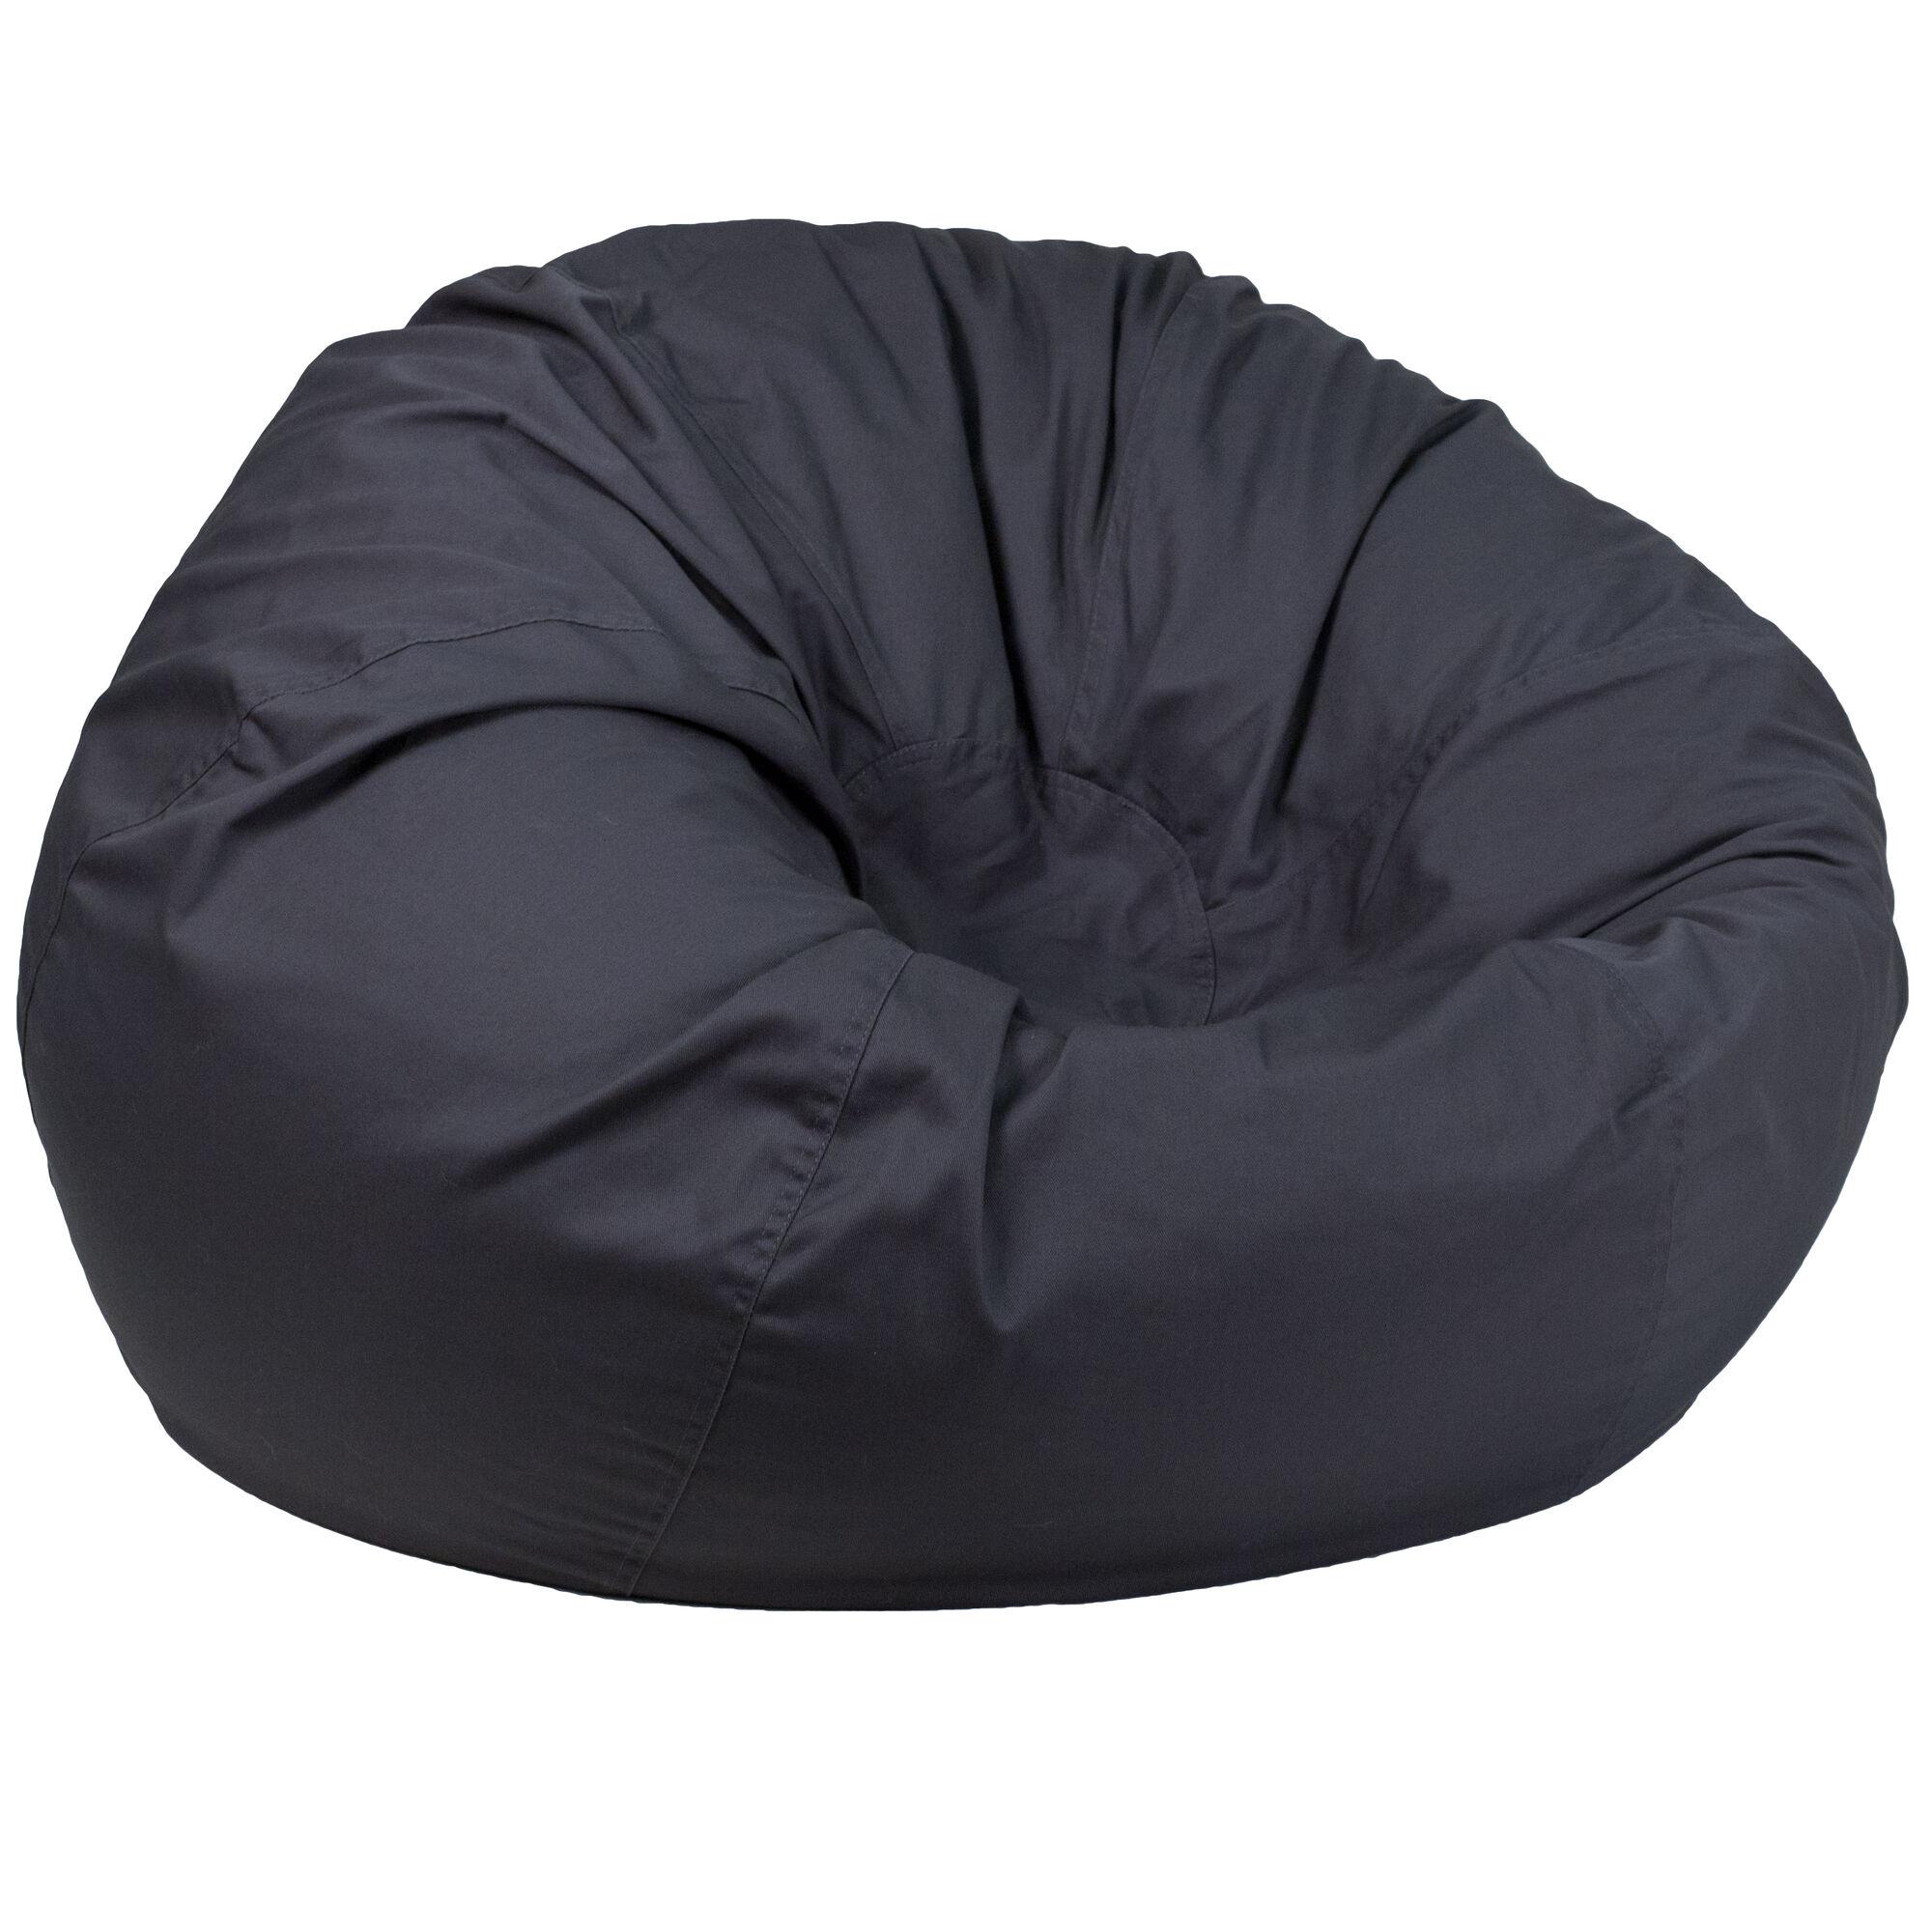 Gray Bean Bag Chair Dg Bean Large Solid Gy Gg Bizchair Com